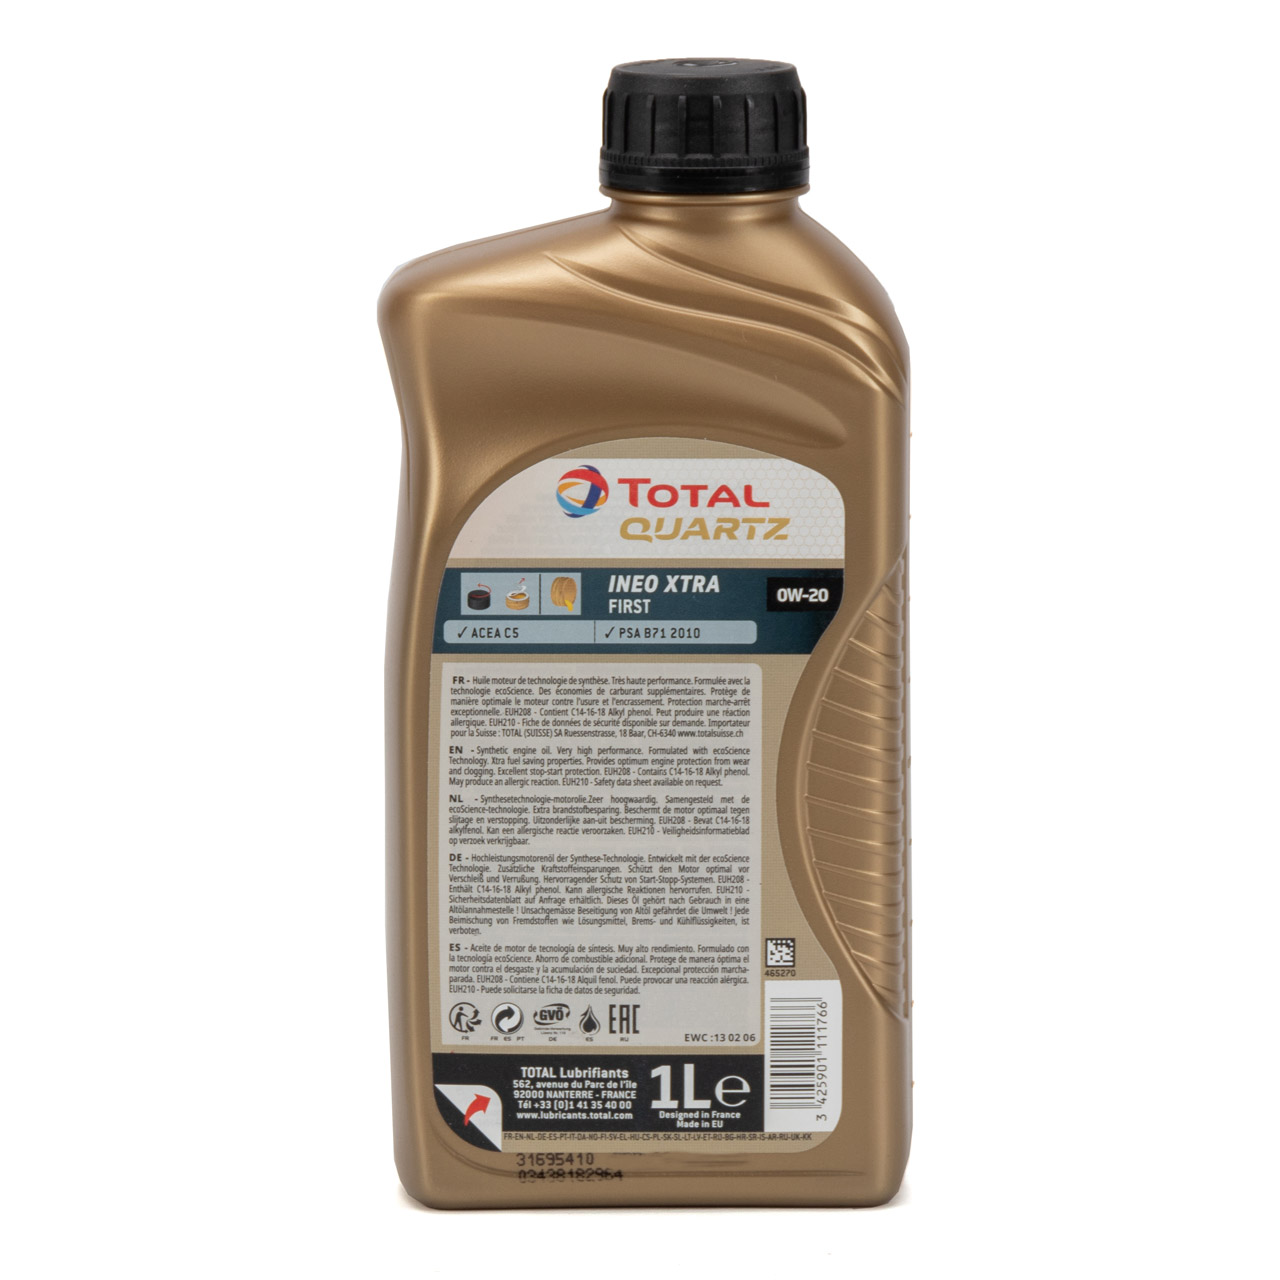 TOTAL Motoröl Öl QUARTZ INEO XTRA FIRST 0W-20 0W20 PSA B71 2010 - 1L 1 Liter